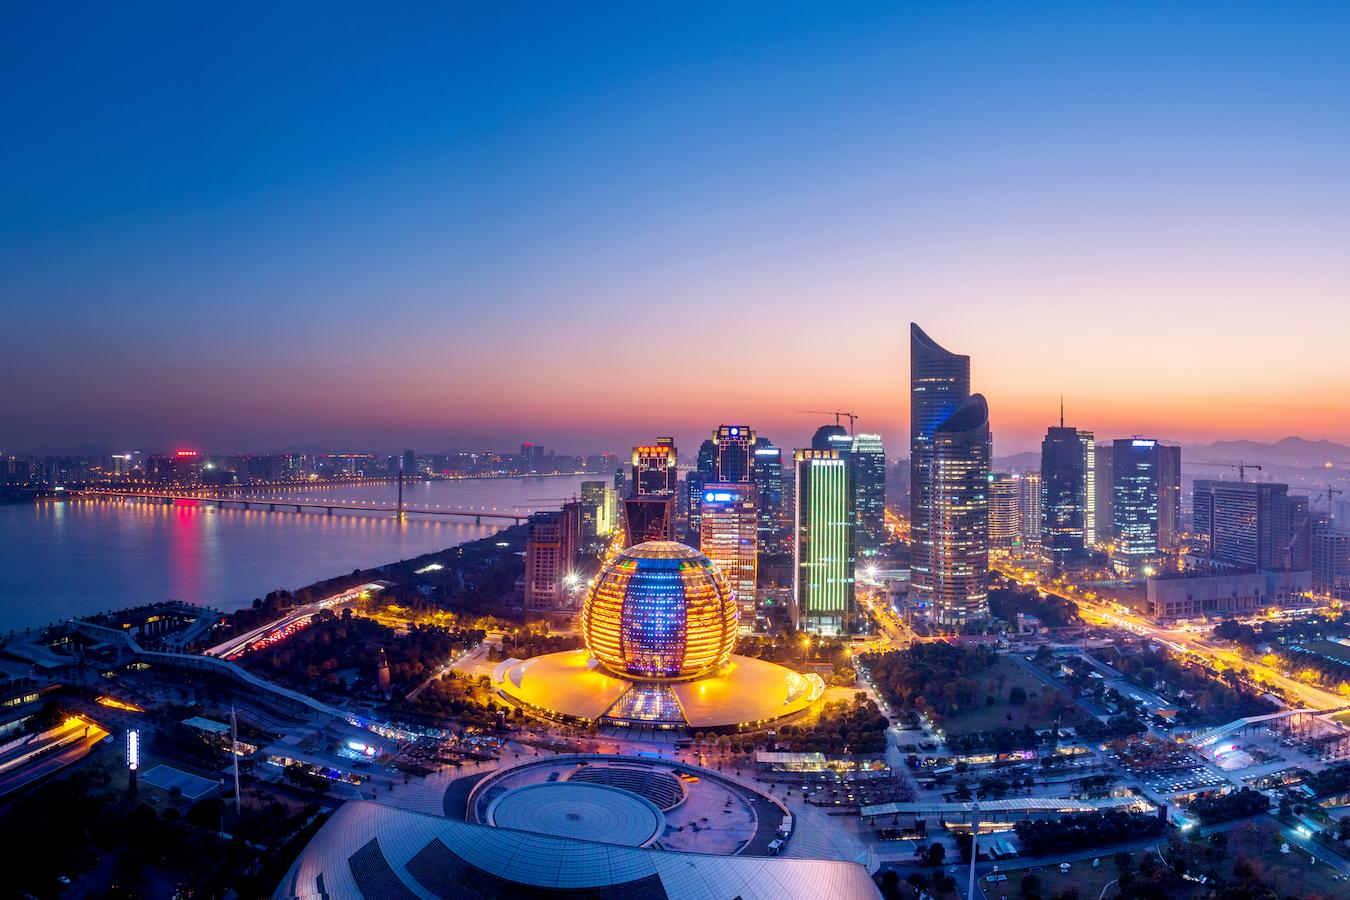 アリババによるスマートシティ先行事例・杭州市